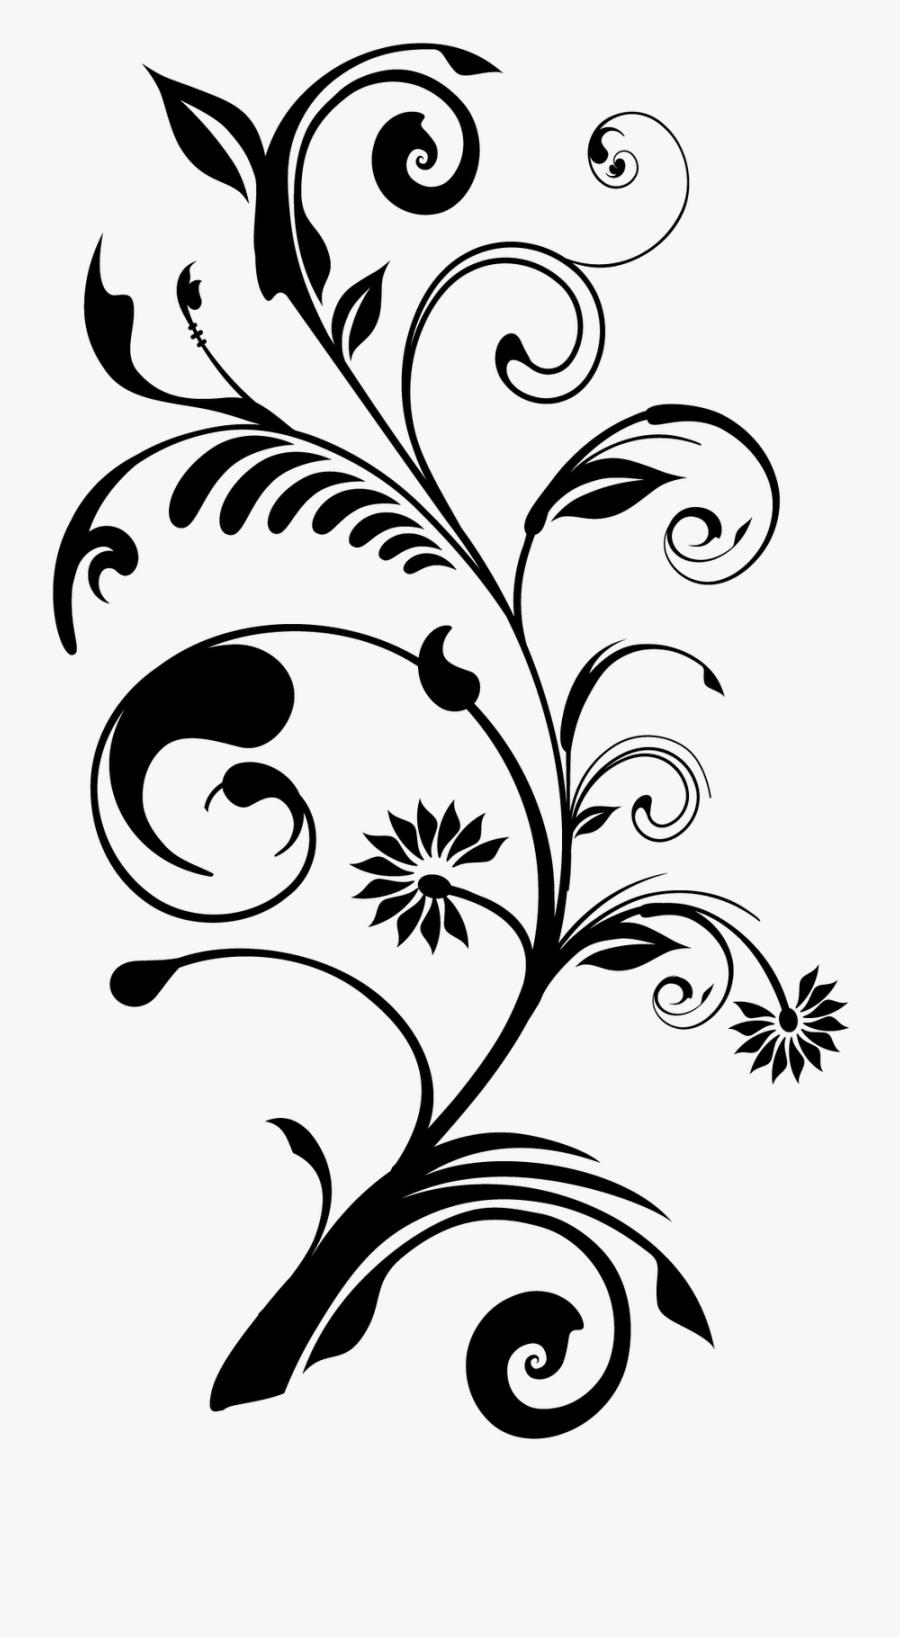 Flower Floral Design Desktop Wallpaper.